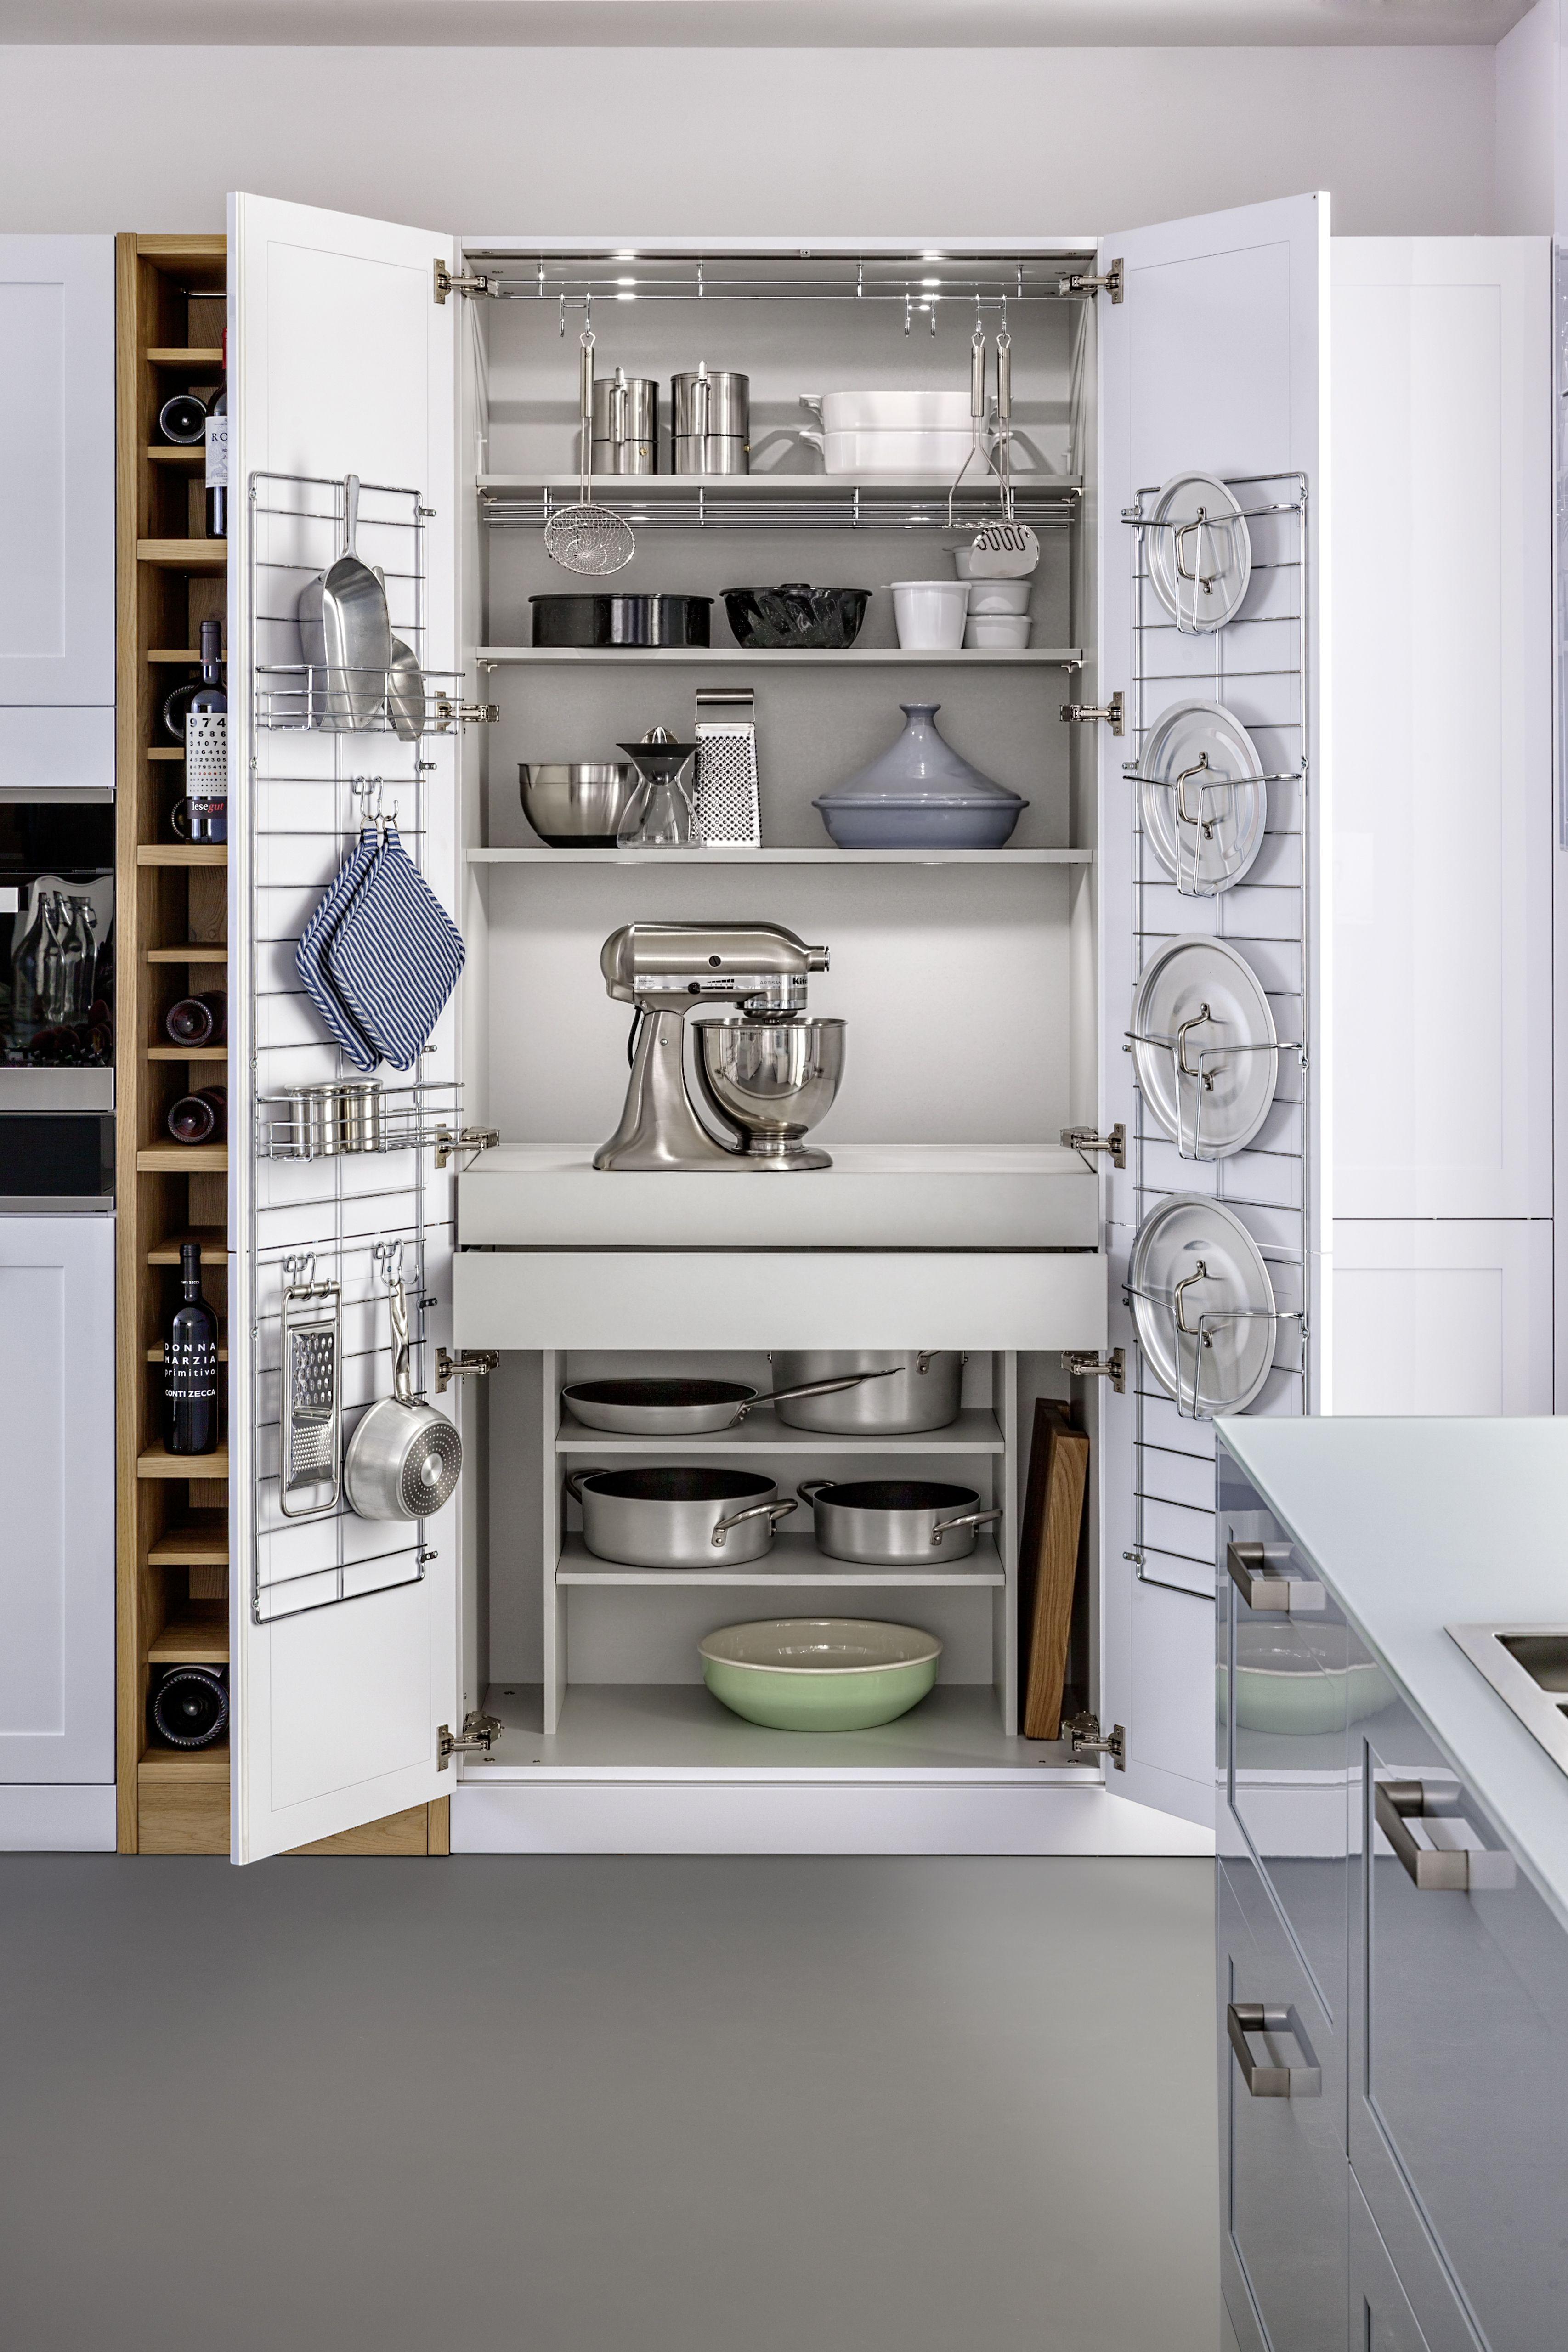 Charmant Genialer Küchenschrank, Ordnung, Idee, Bild, Schrank, Pfannen,  Ausziehschrank Foto: